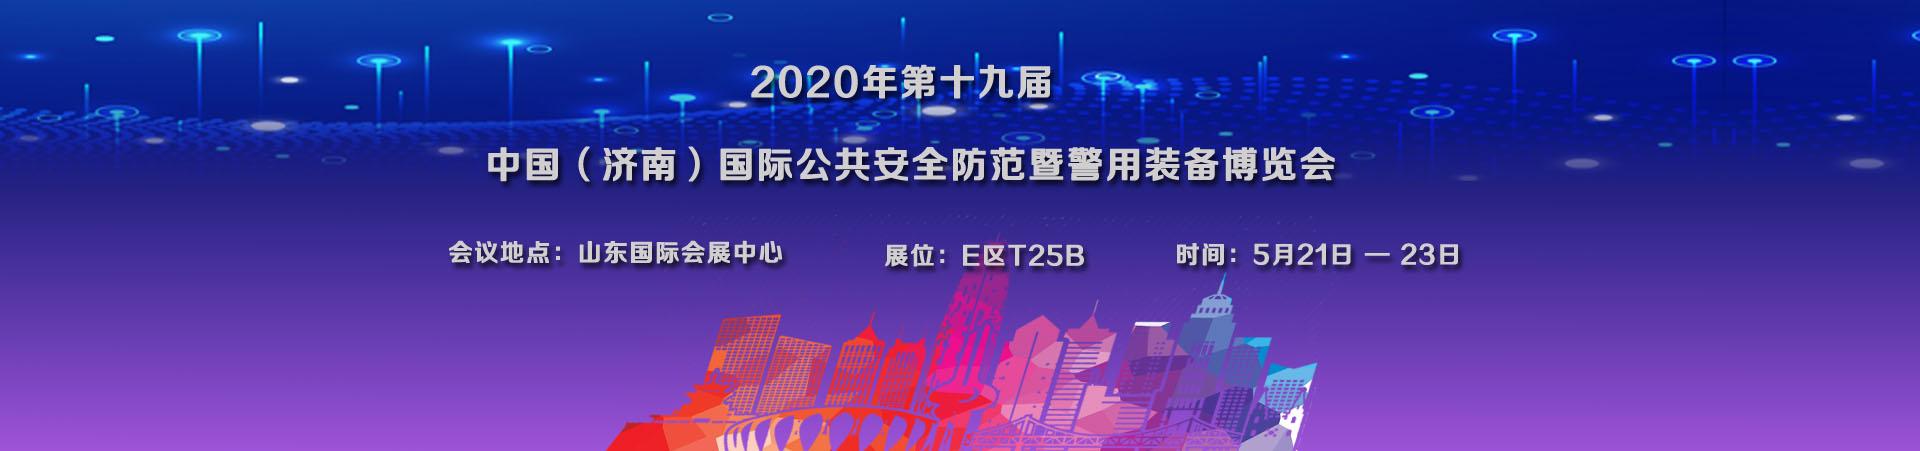 2020济南安防展